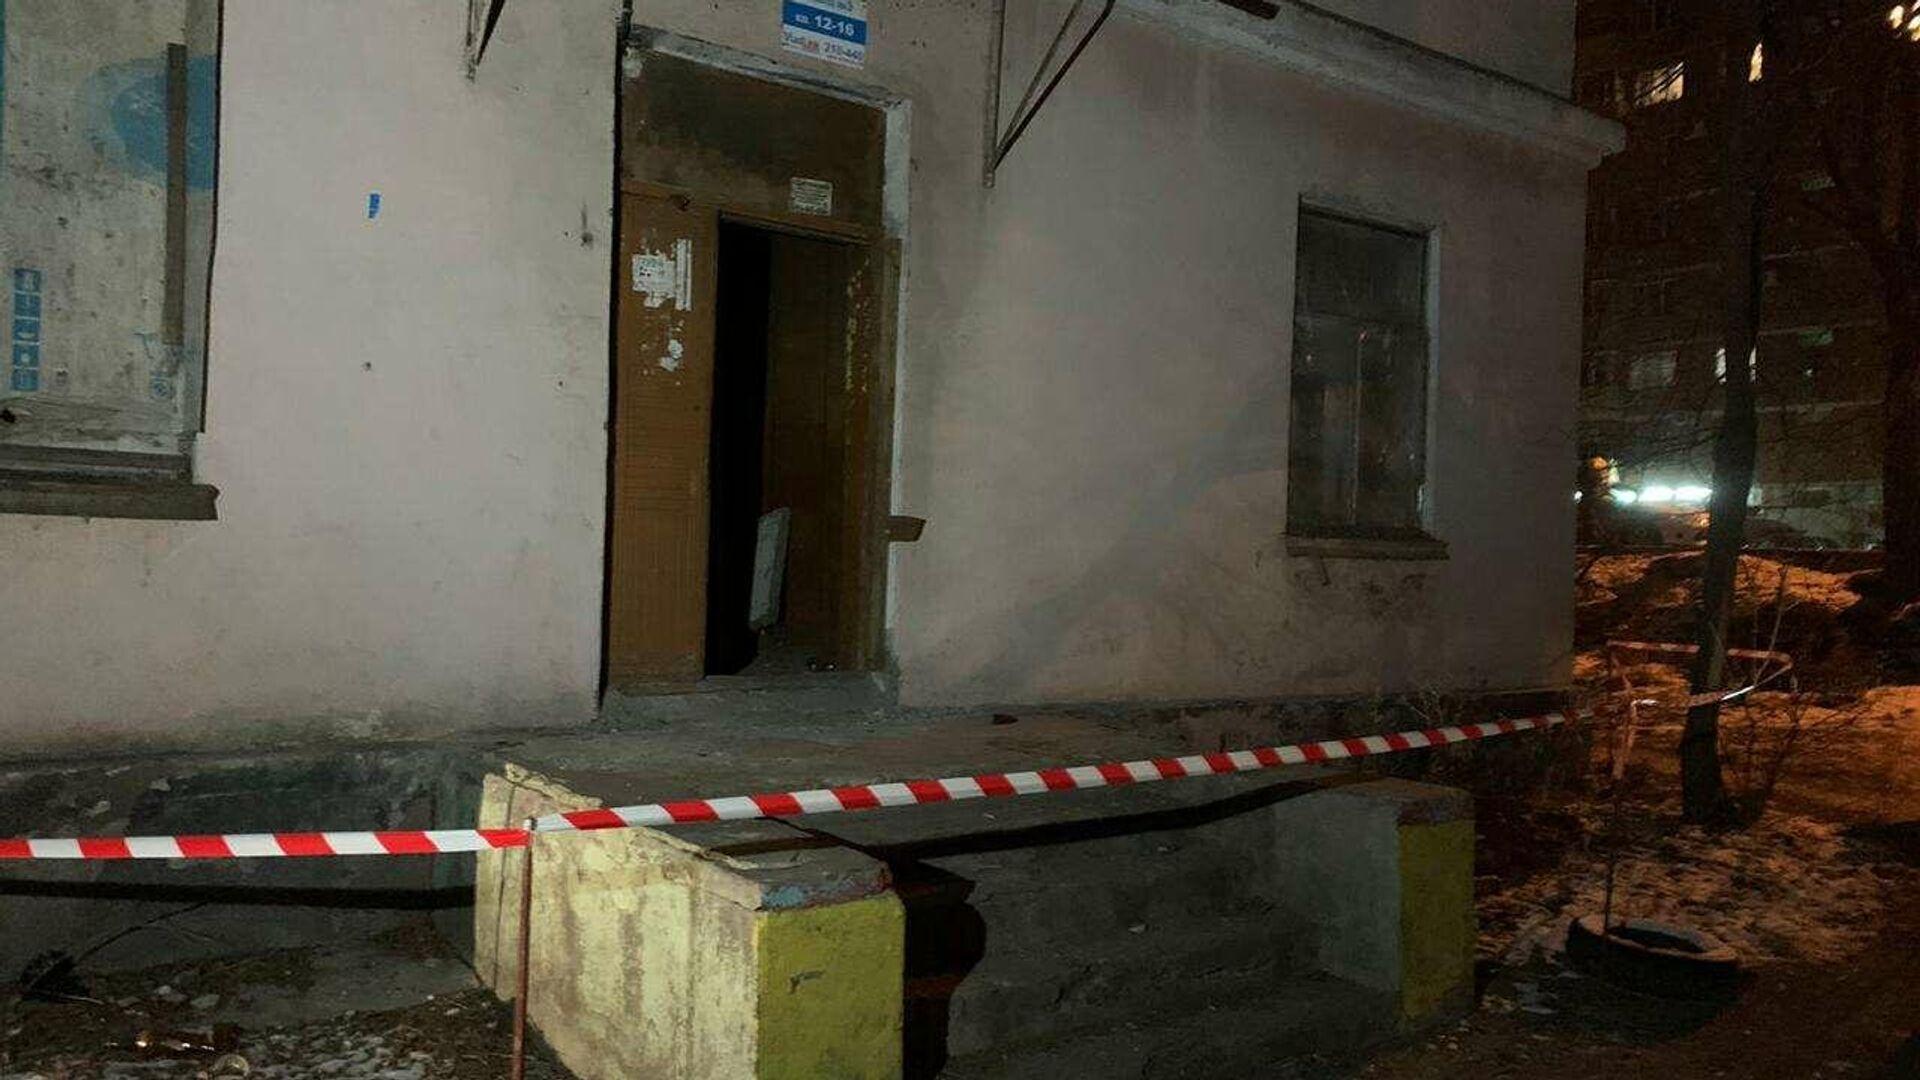 Вечером 16 ноября в Уссурийске на ул. Пушкина, 151,  произошло обрушение стены в одной из нежилых квартир - РИА Новости, 1920, 17.11.2019